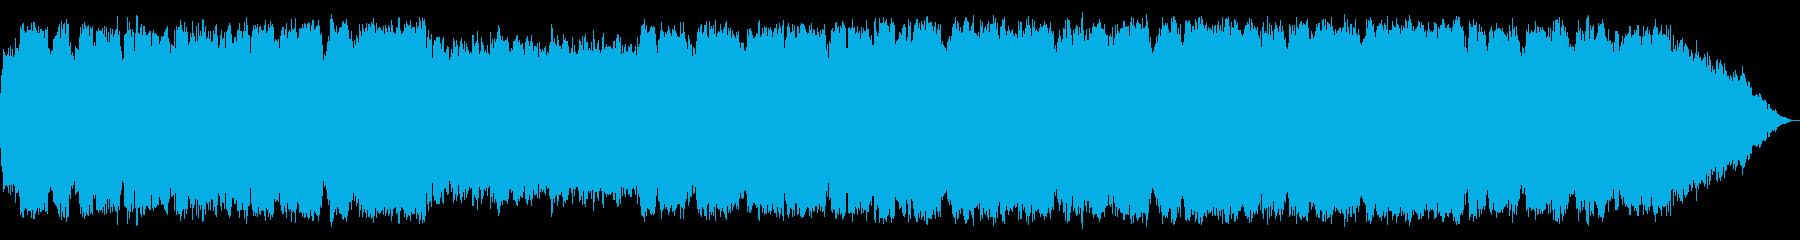 哀愁ある笛の音楽の再生済みの波形